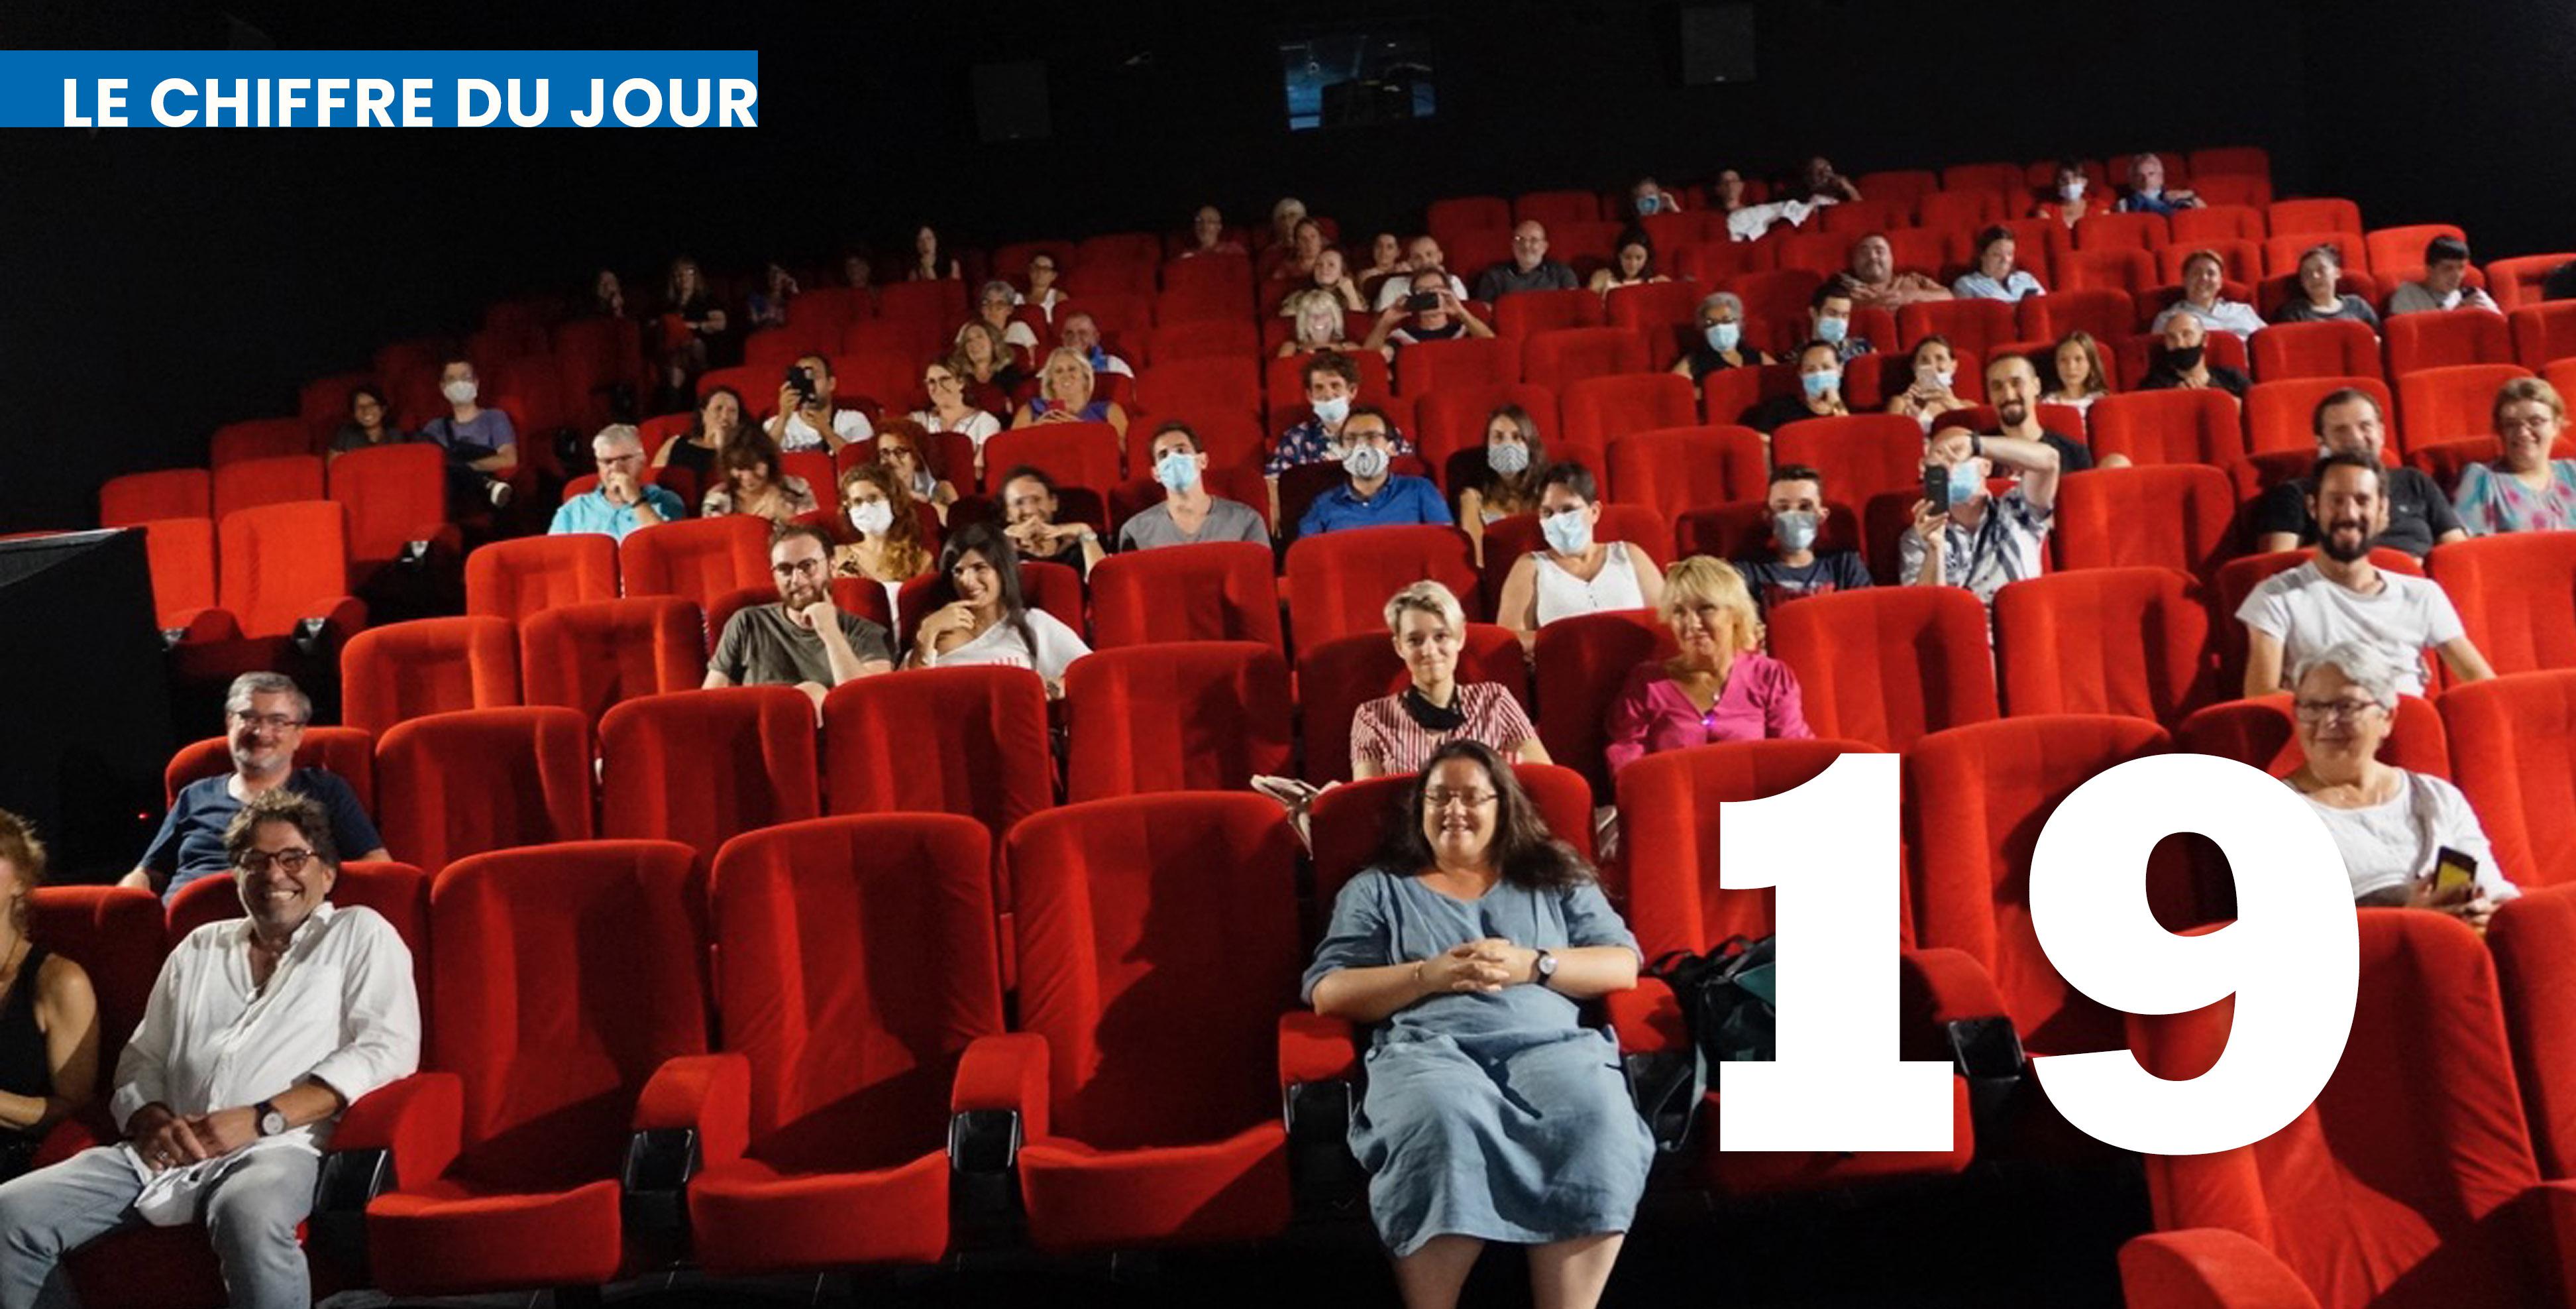 Les spectateurs veulent retrouver les cinémas, ici dans la grande salle du Régent à Bastia